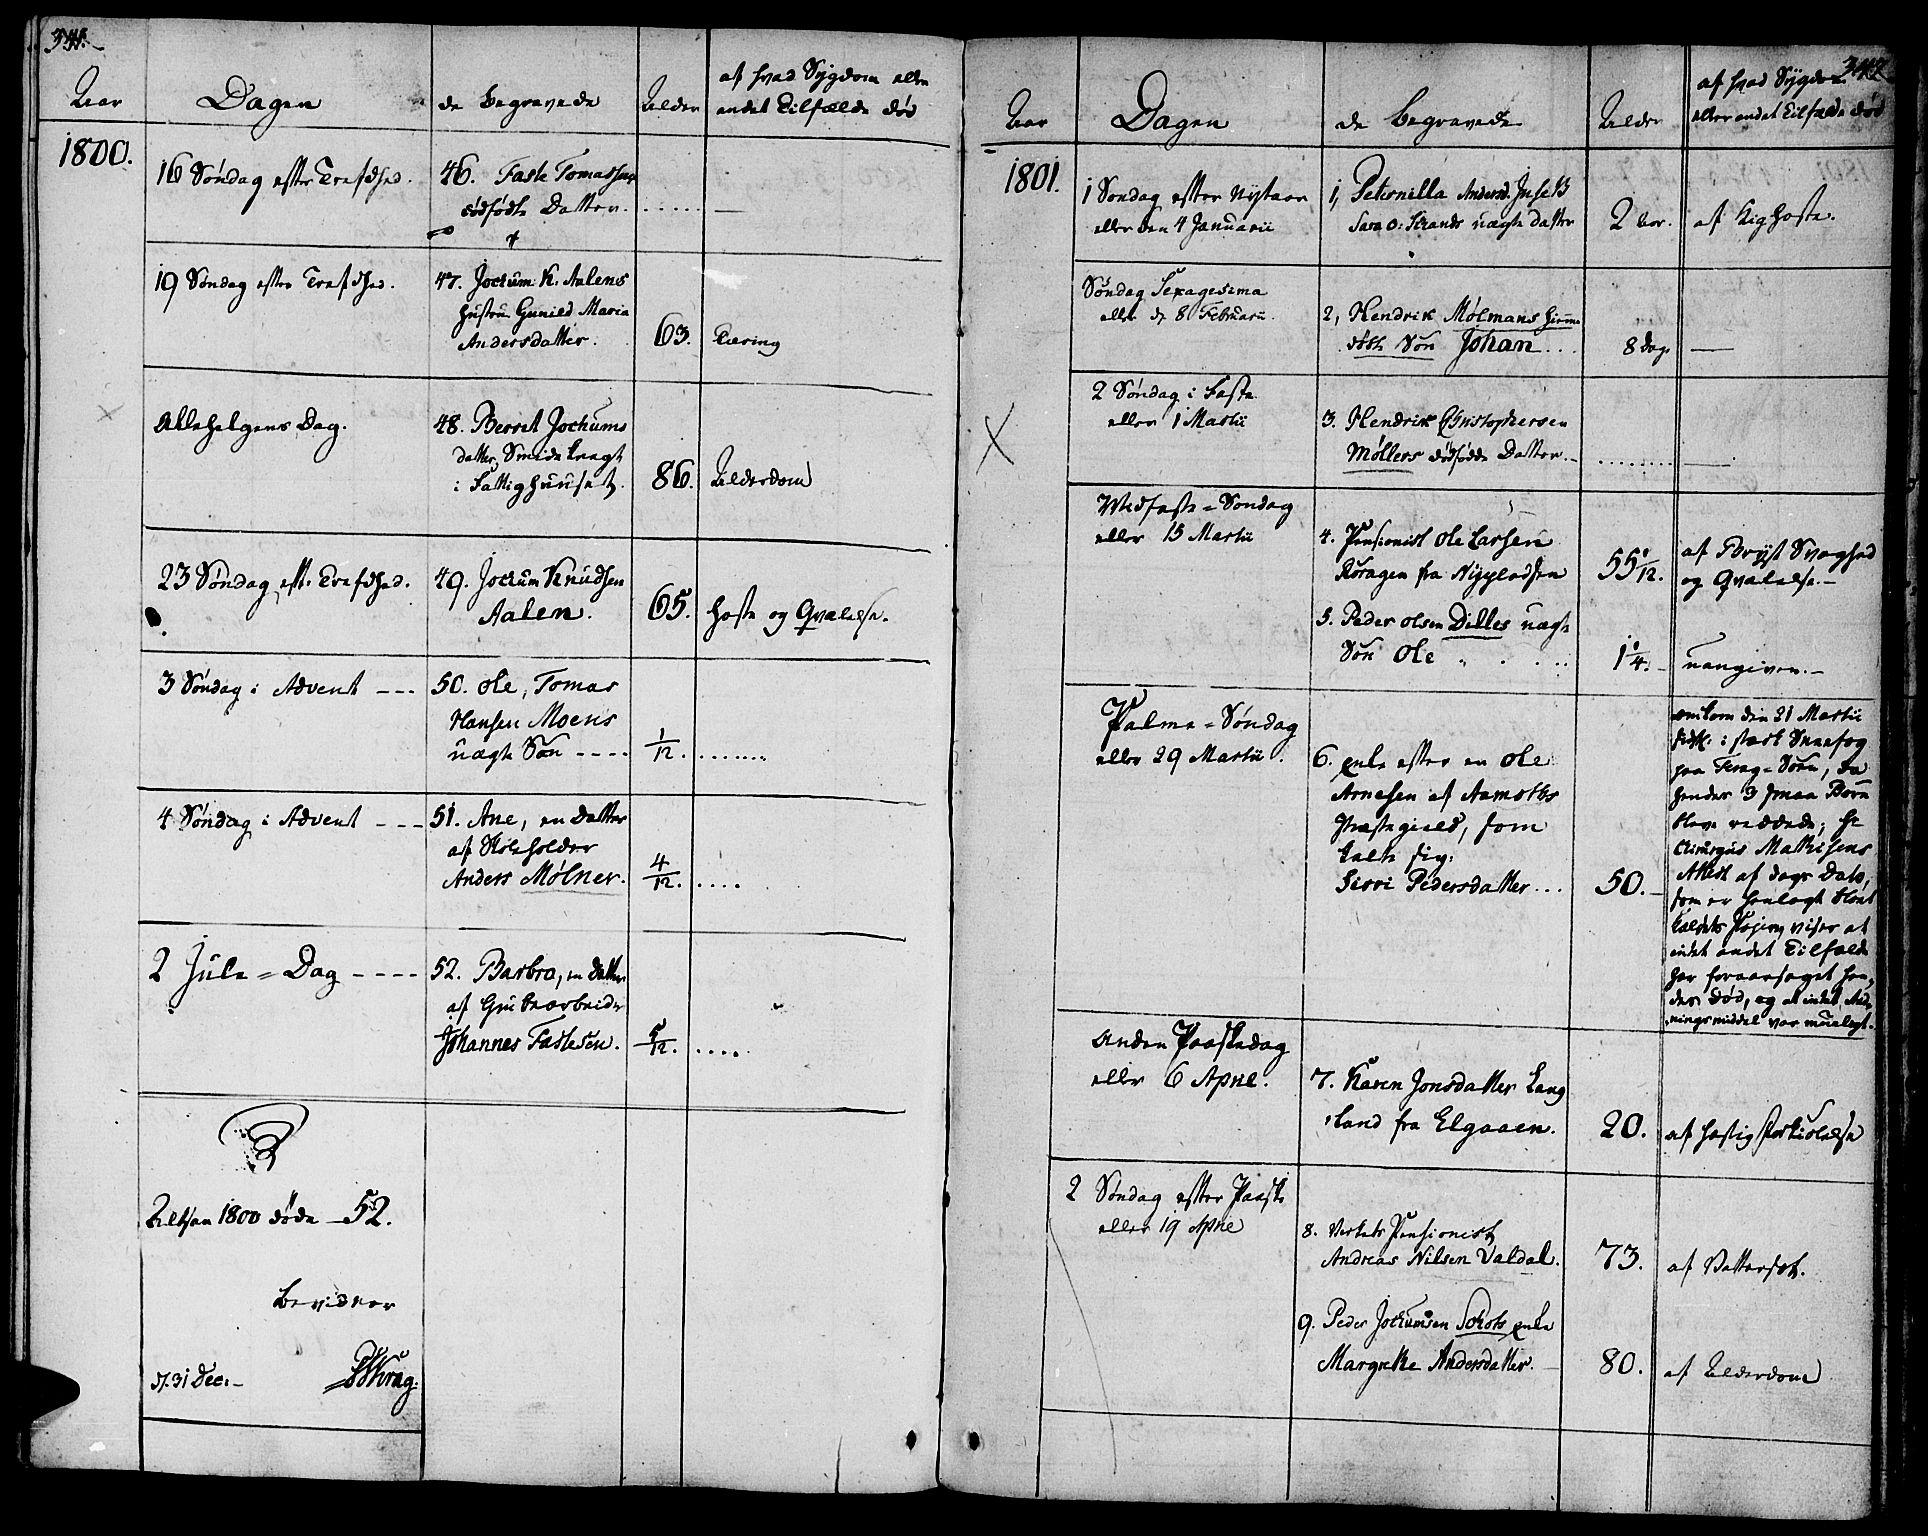 SAT, Ministerialprotokoller, klokkerbøker og fødselsregistre - Sør-Trøndelag, 681/L0927: Ministerialbok nr. 681A05, 1798-1808, s. 341-342